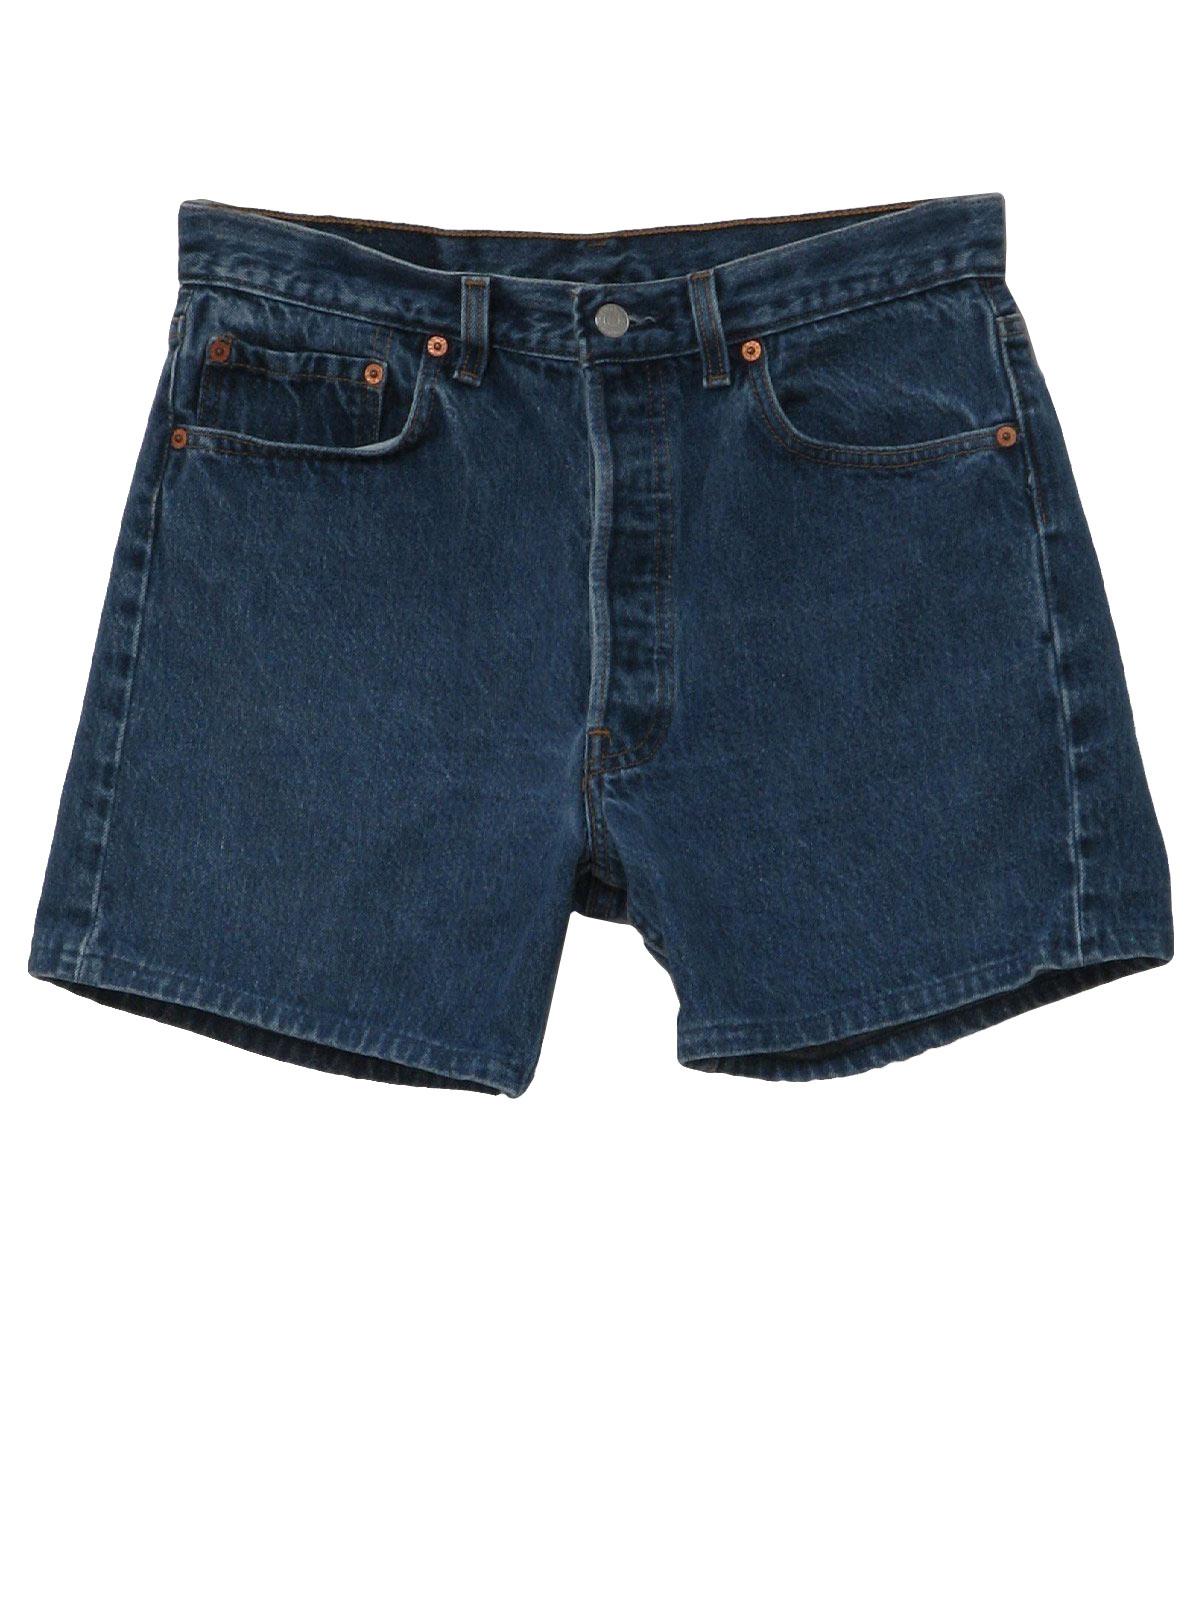 Mens Levis 501 Jeans